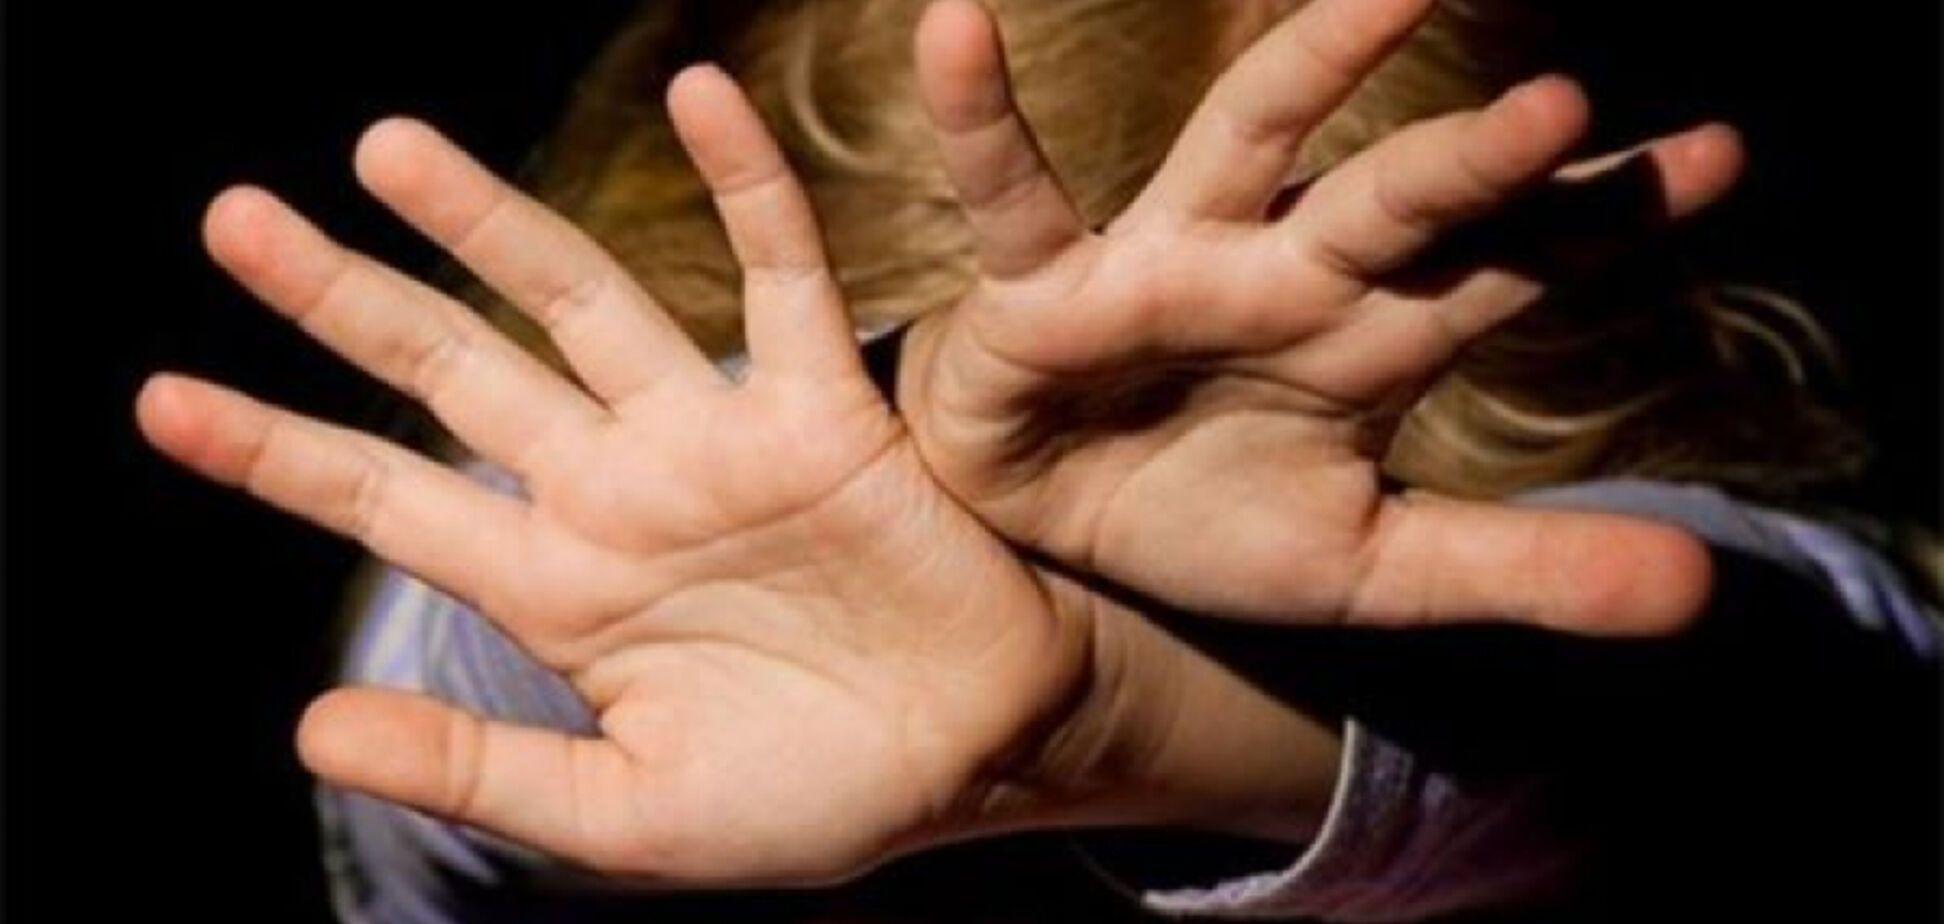 Не хотела есть: на Сумщине отец зверски забил насмерть 4-летнюю дочь